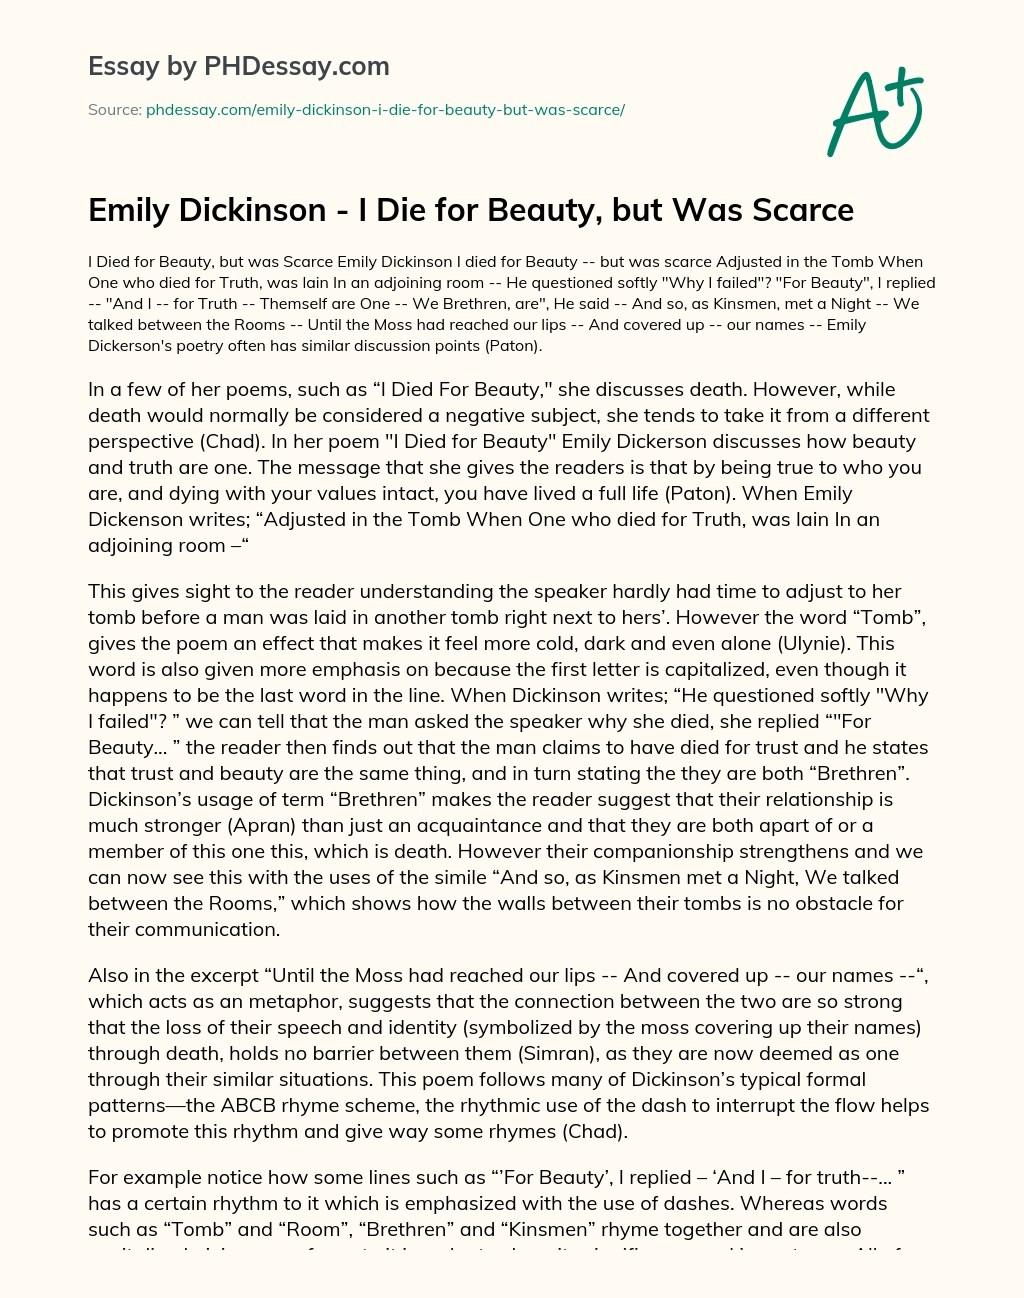 Emily Dickinson I Died For Beauty : emily, dickinson, beauty, Emily, Dickinson, Beauty,, Scarce, PHDessay.com